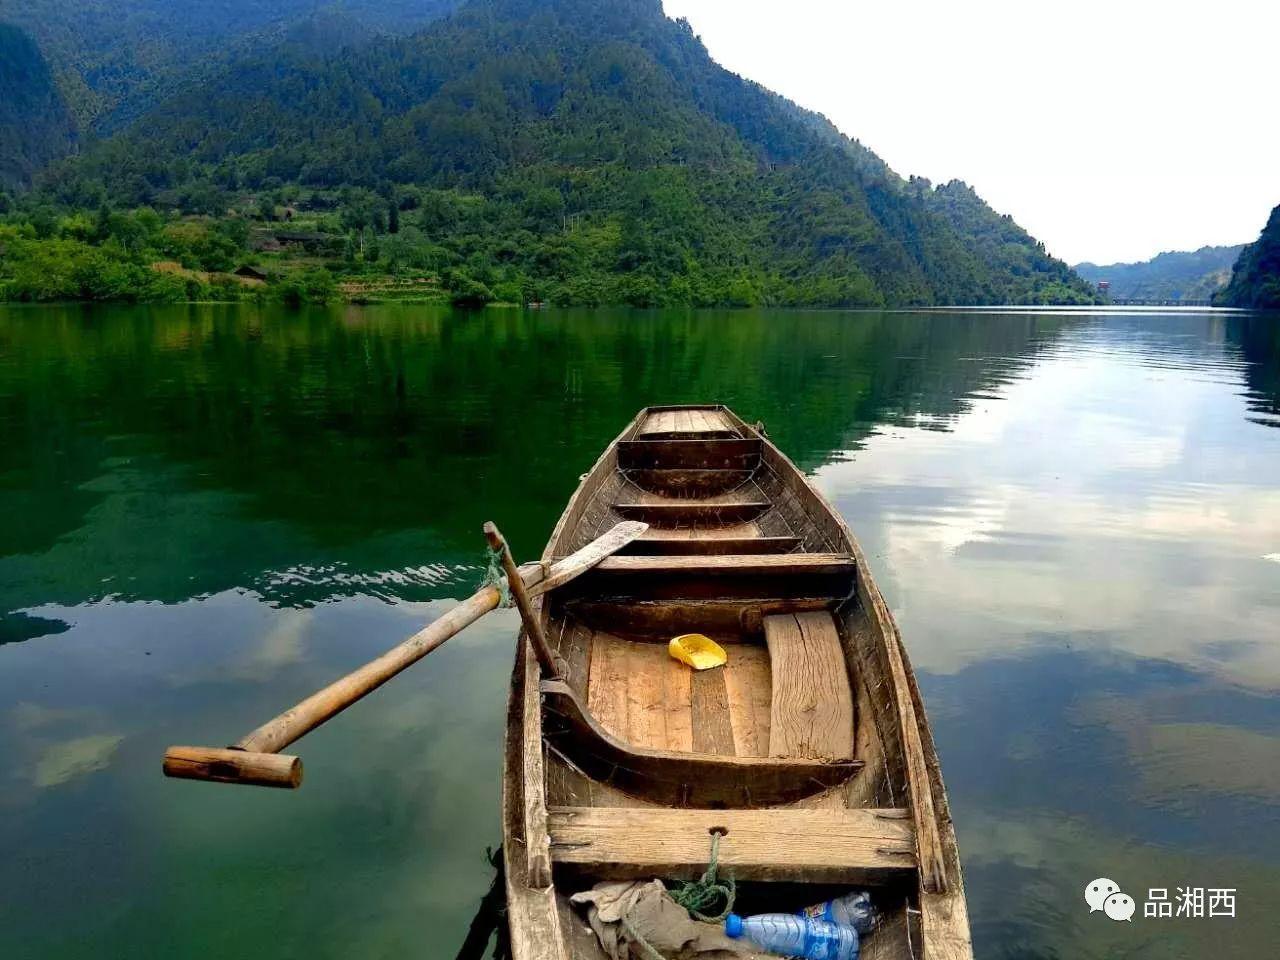 http://www.hunanpp.com/kejizhishi/43410.html